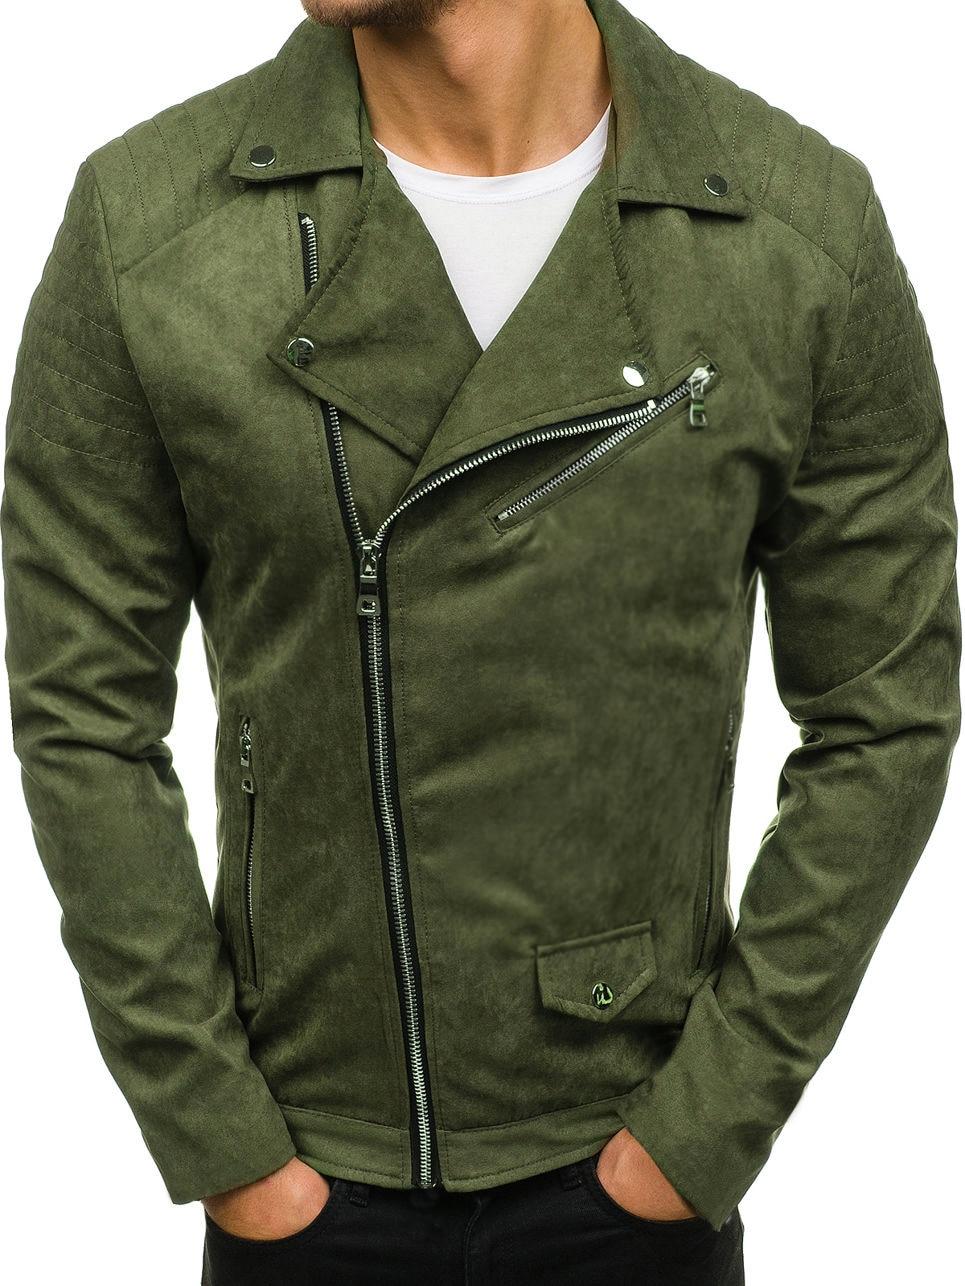 Loldeal Men's Casual Diagonal zipper suede Military Jacket Bomber Warm Winter Zipper Jacket Outwear